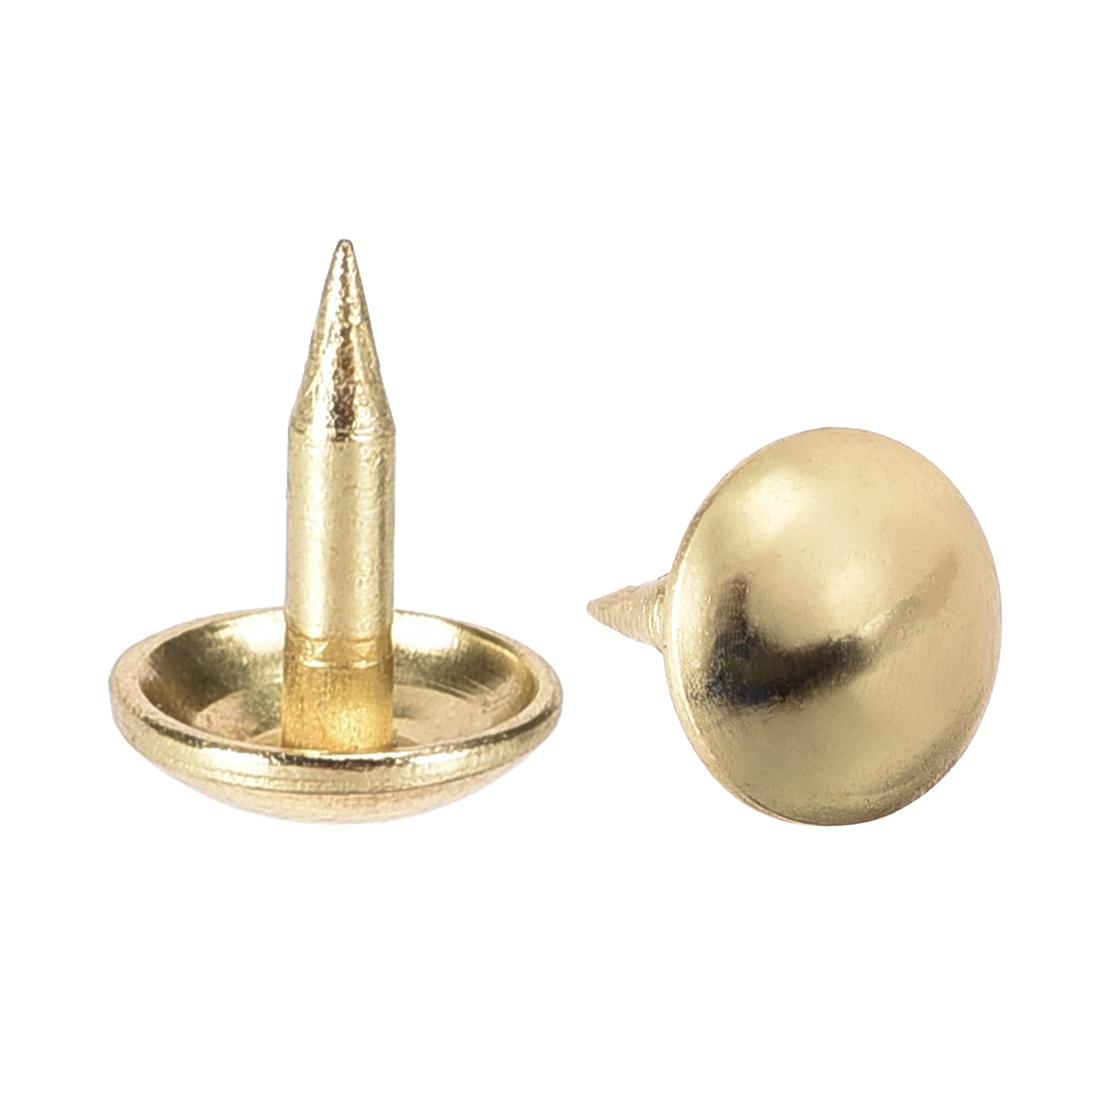 Upholstery Nails Tacks 8mm Dia 10mm Height Round Thumb Pins Gold Tone 50 Pcs